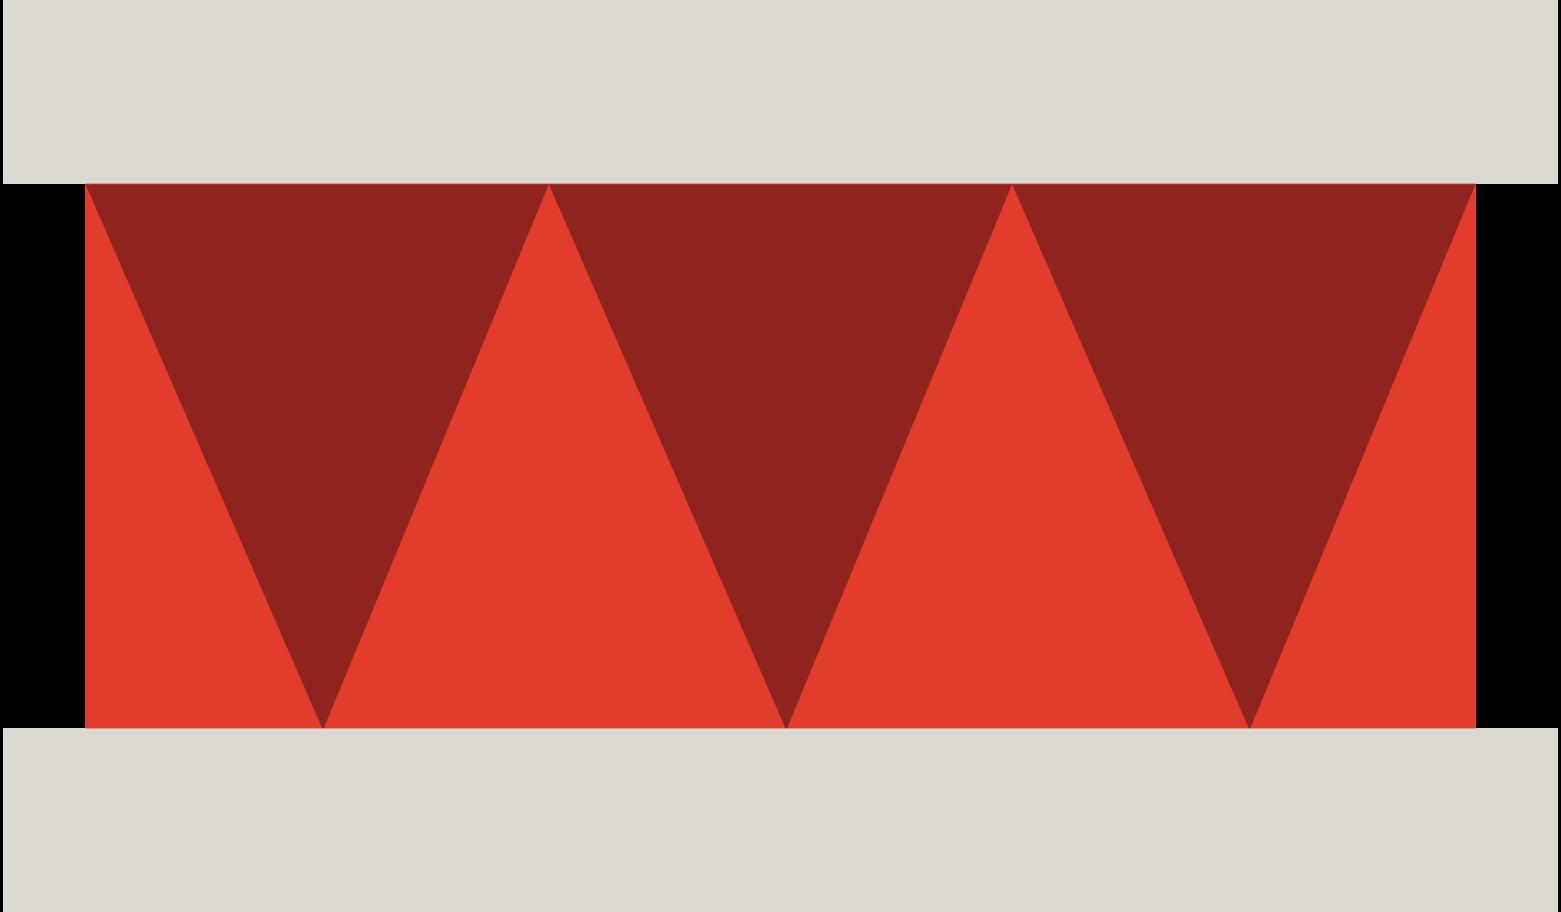 drum set Clipart illustration in PNG, SVG